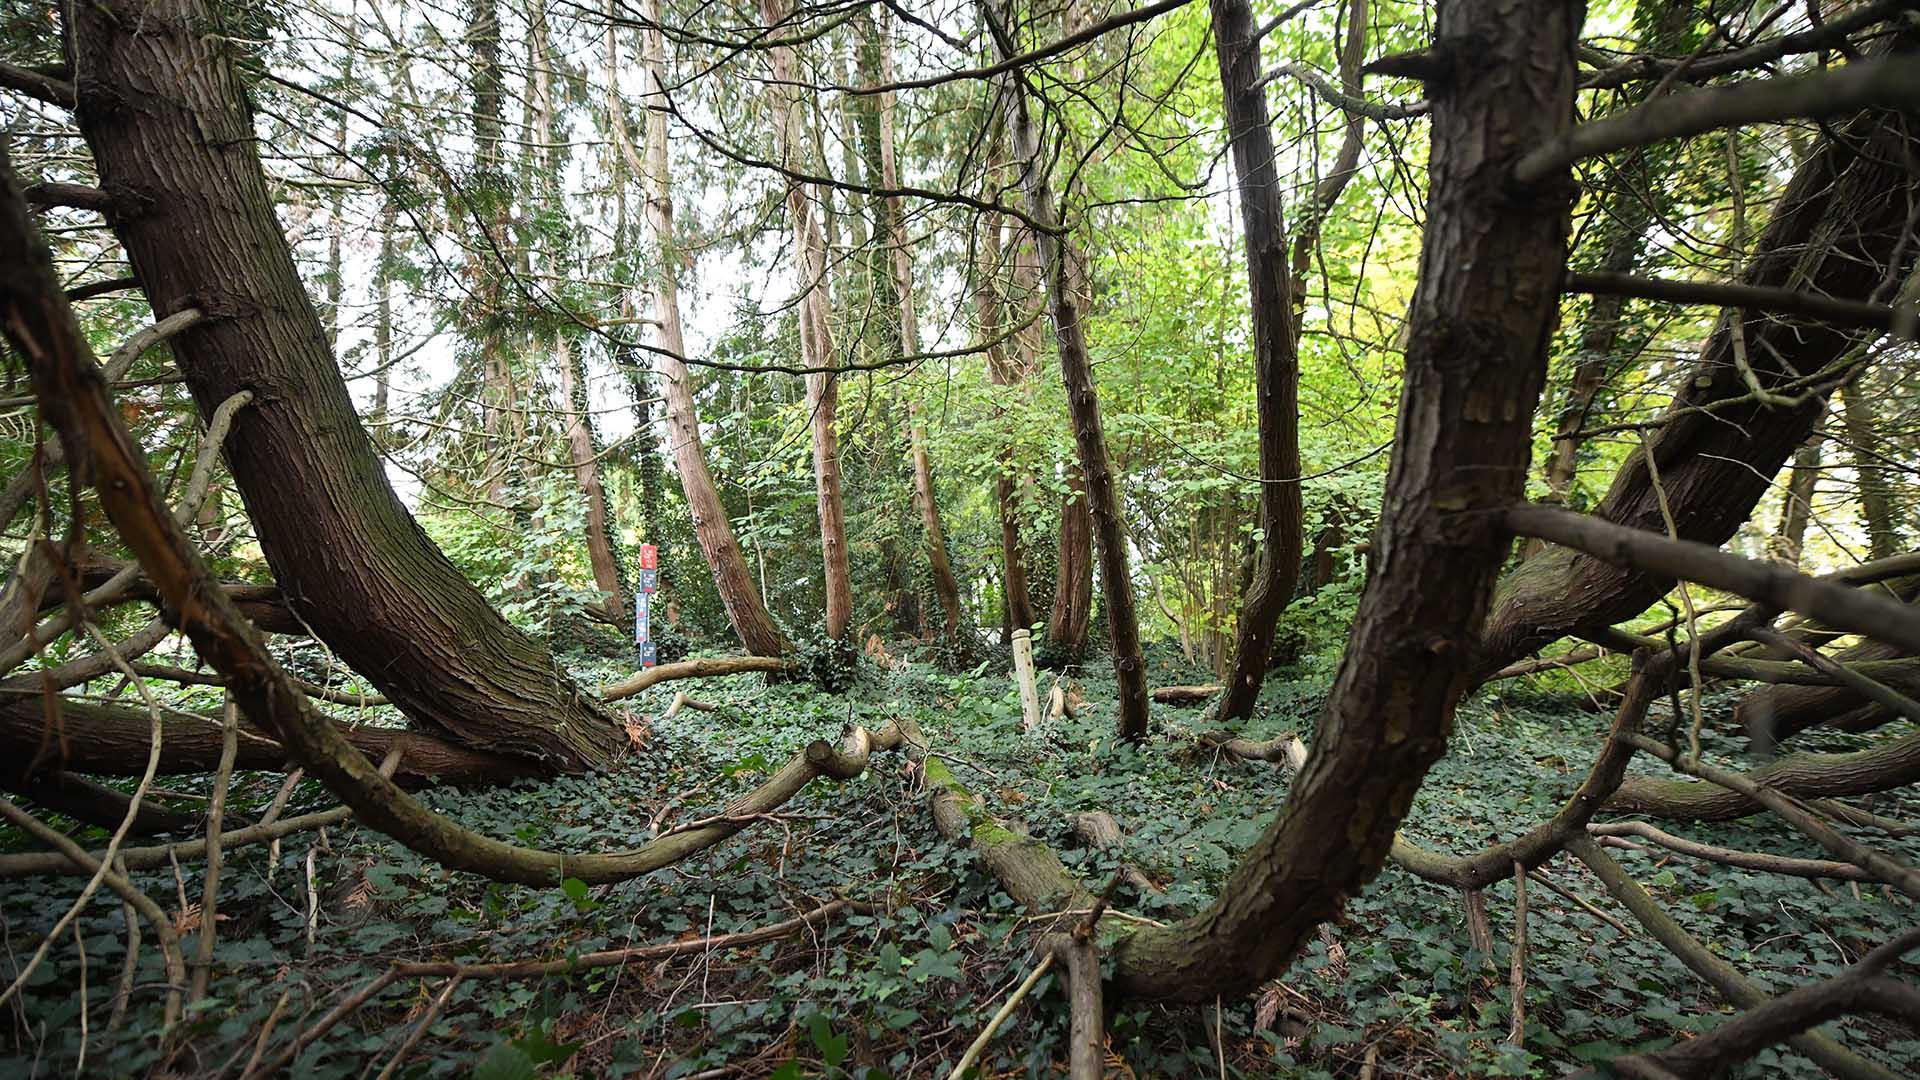 Remarquable ! Le thuya géant d'Amérique : 40 troncs pour un seul arbre